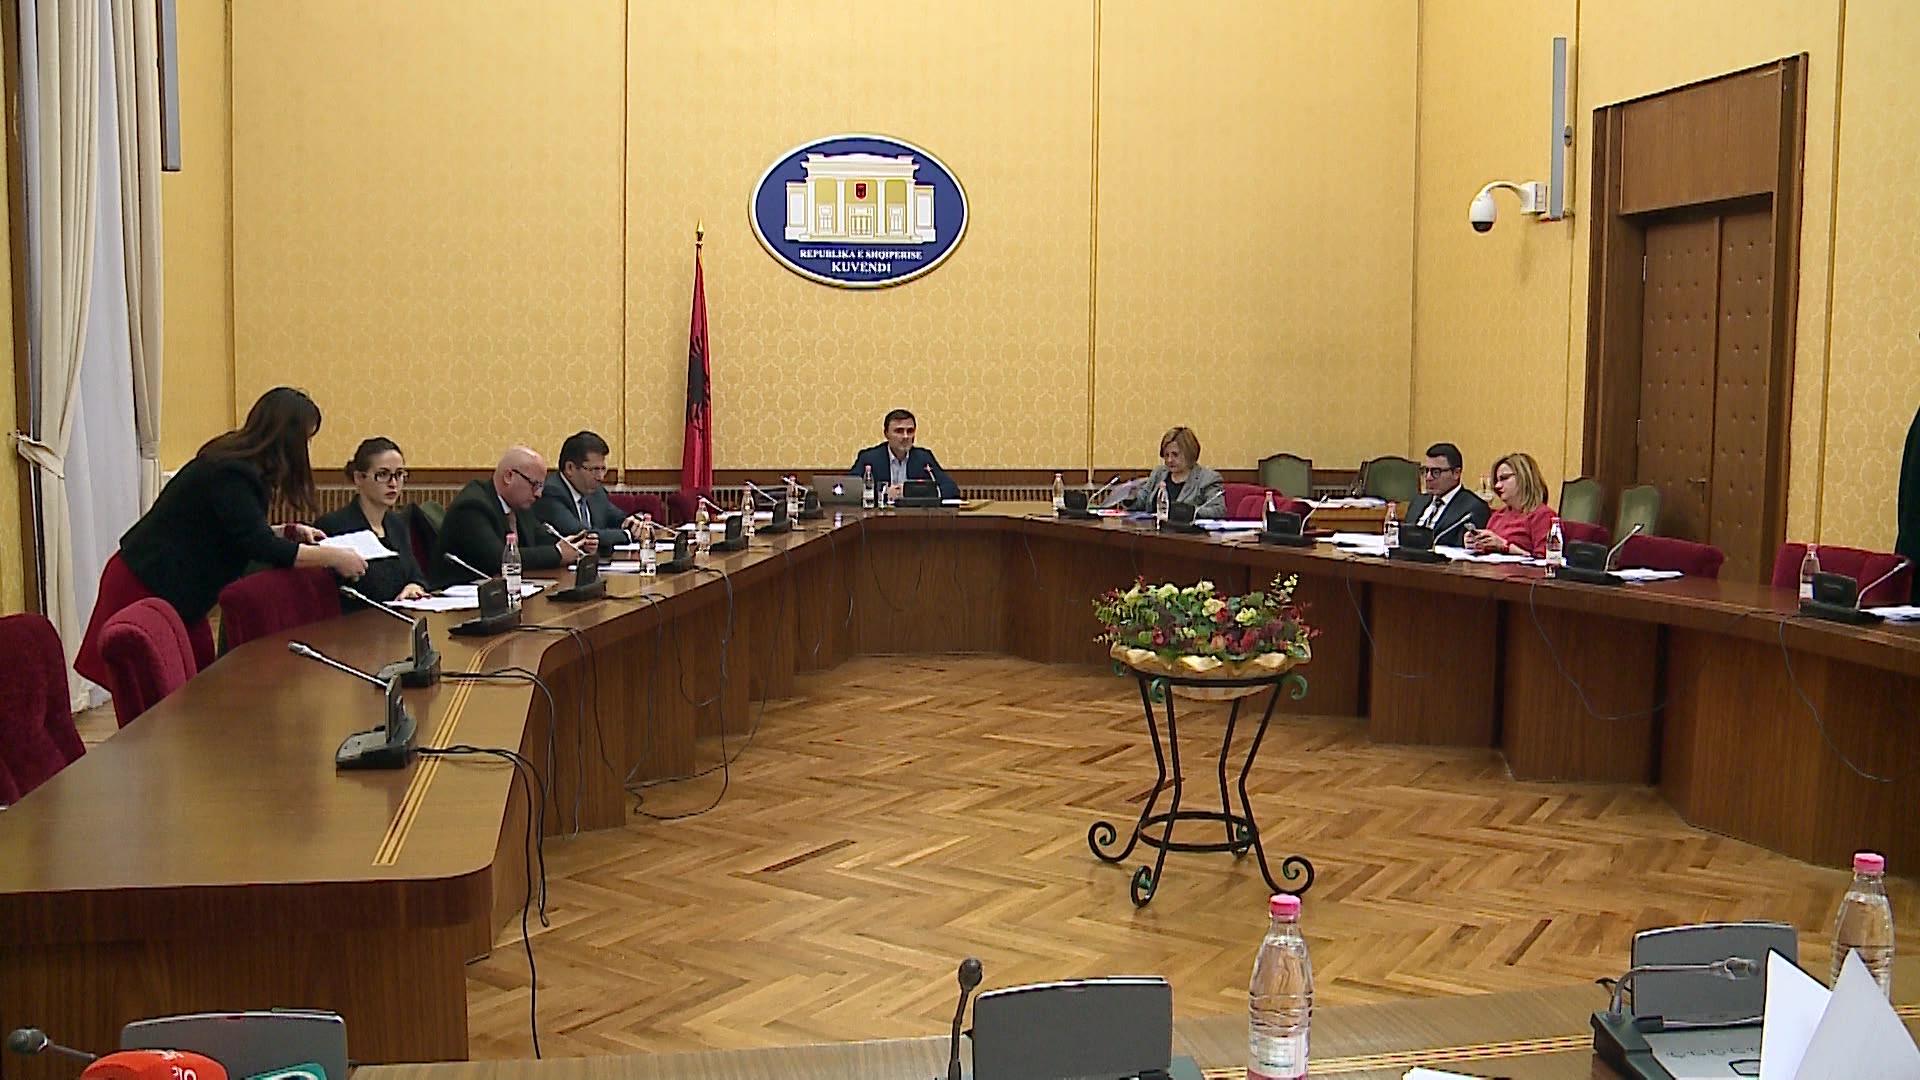 Këshilli i legjislacionit miraton kërkesën e opinionit nga organet e Vettingut